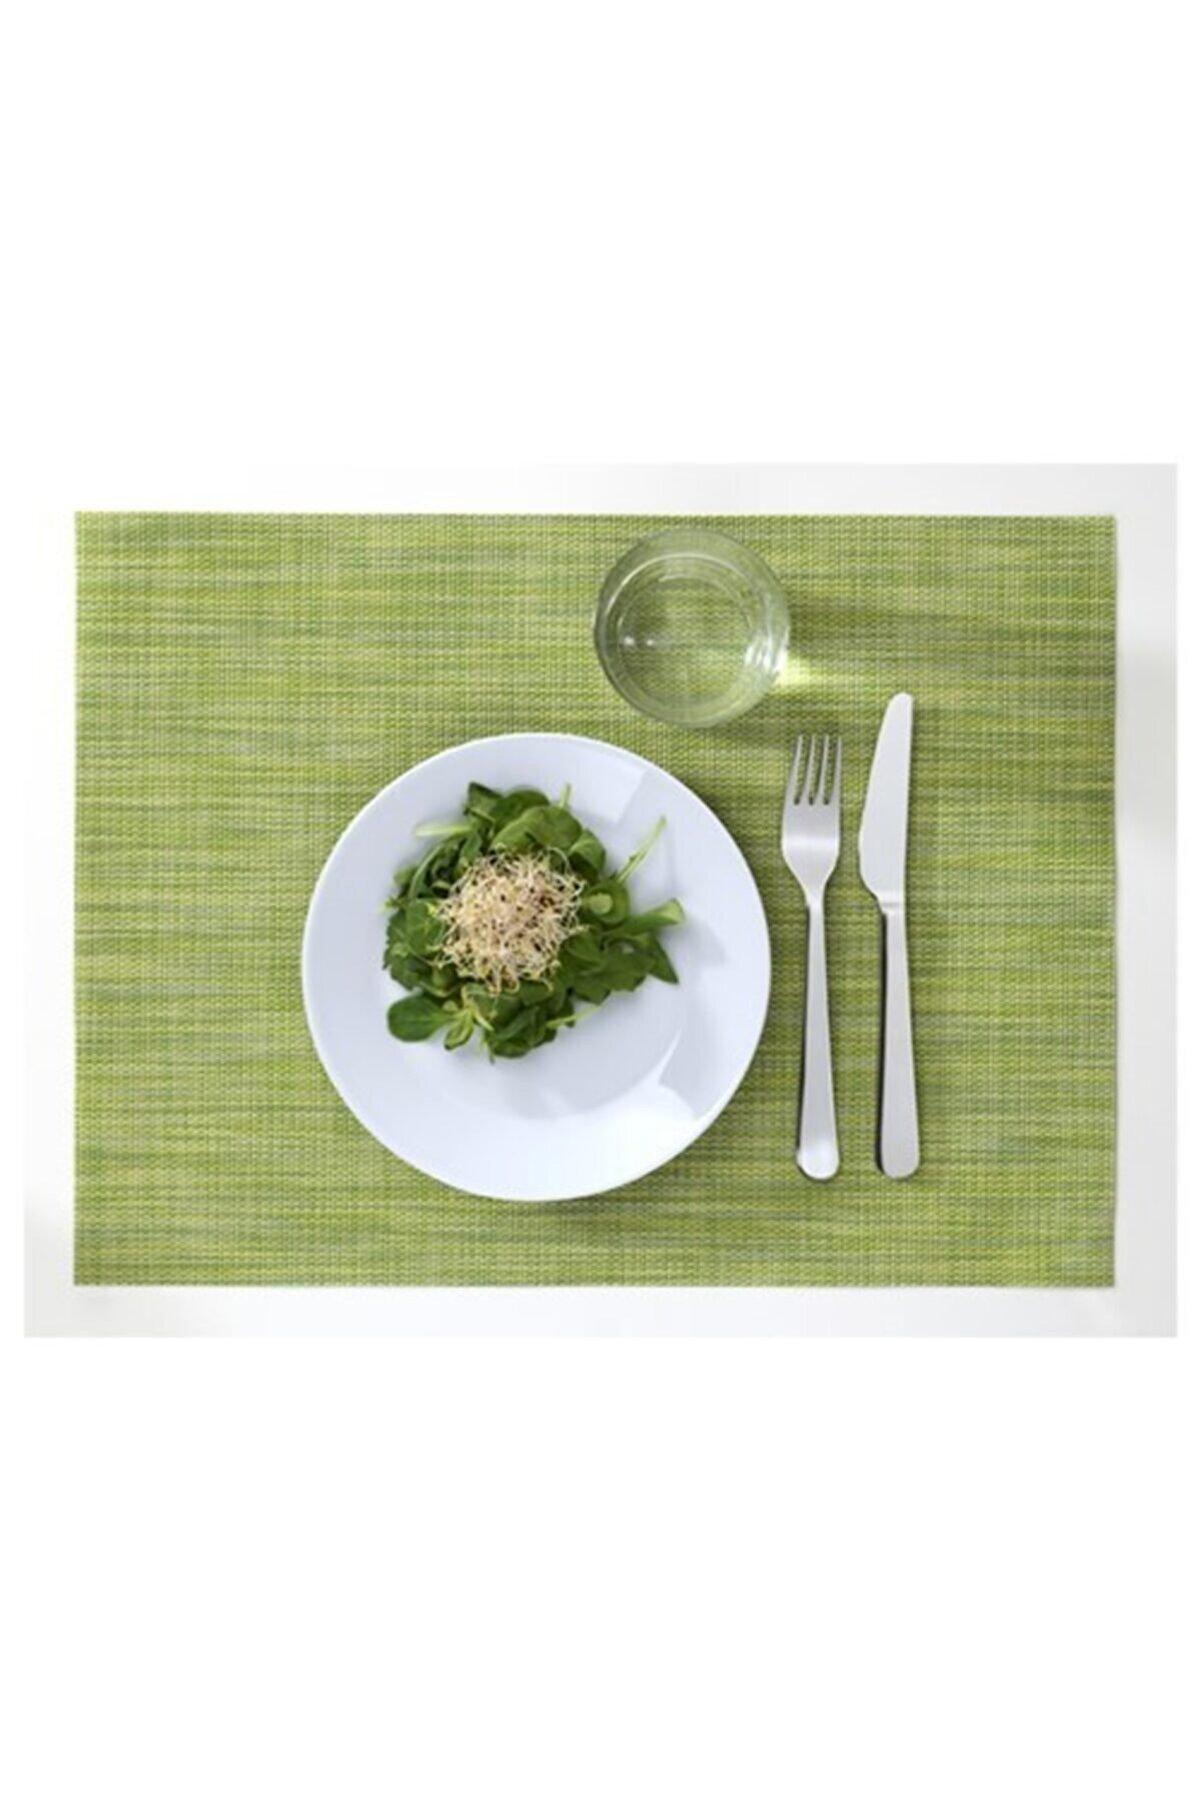 IKEA Amerikan Servis 45x33 Cm Fıstık Yeşili Meridyendukkan 1 Adet